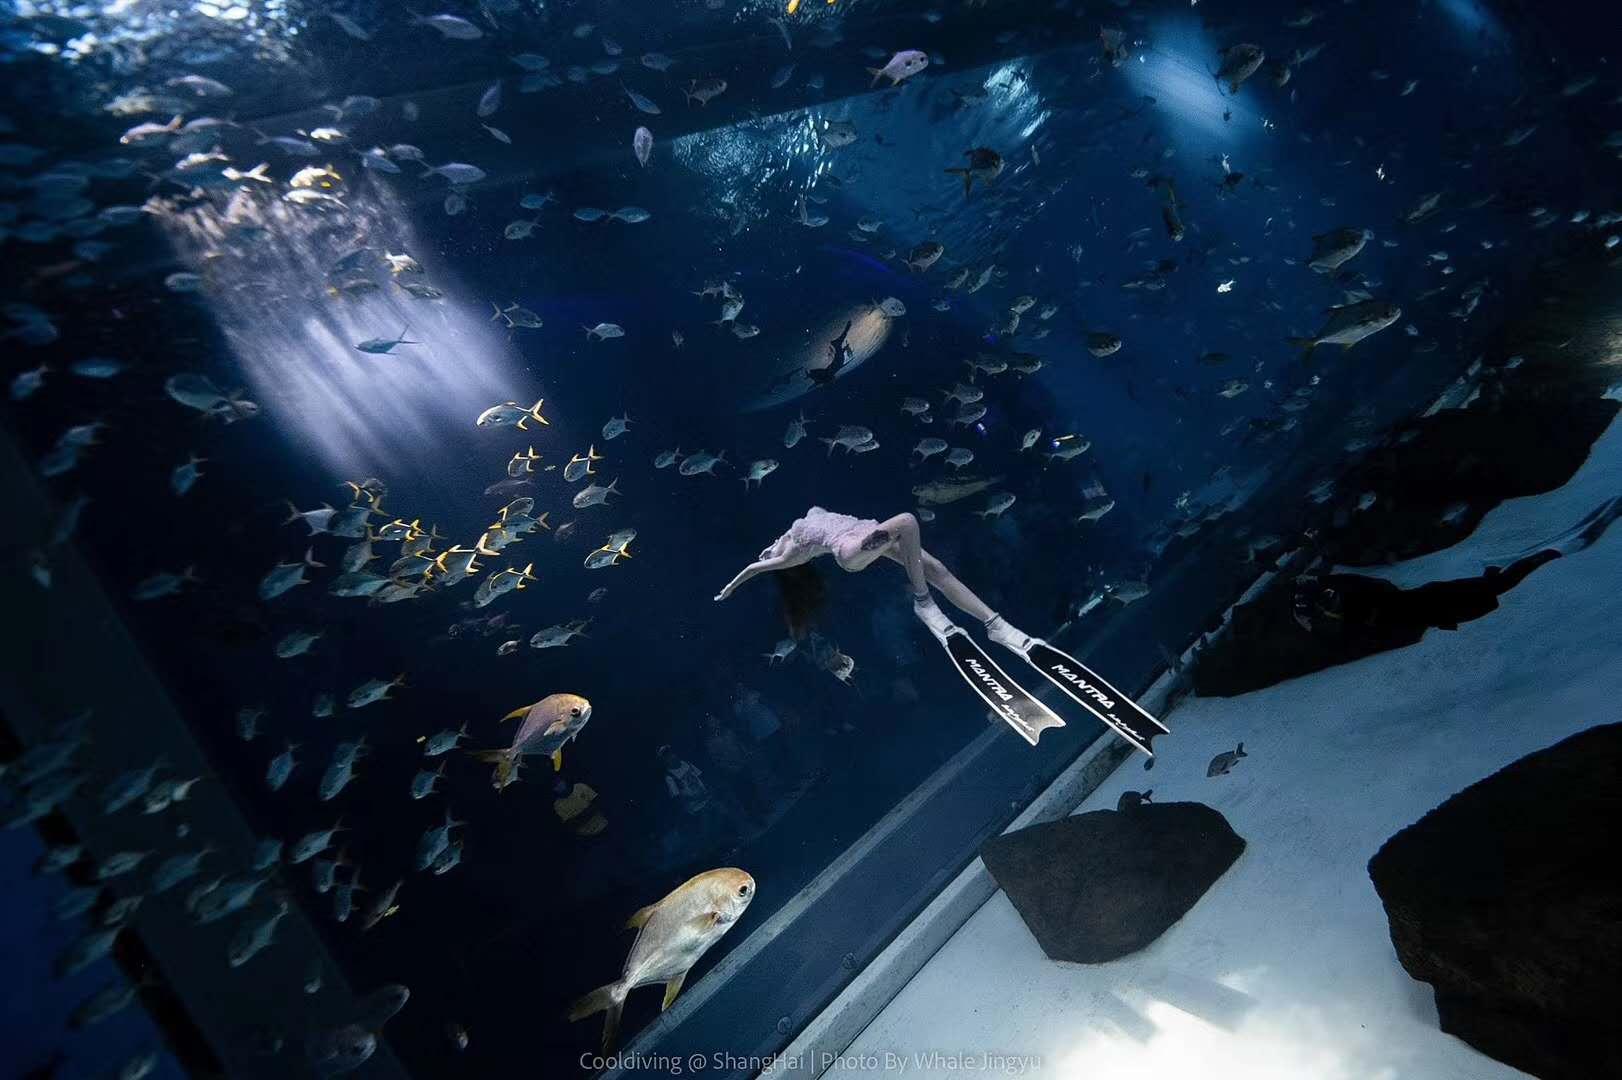 水族馆自由潜水练习